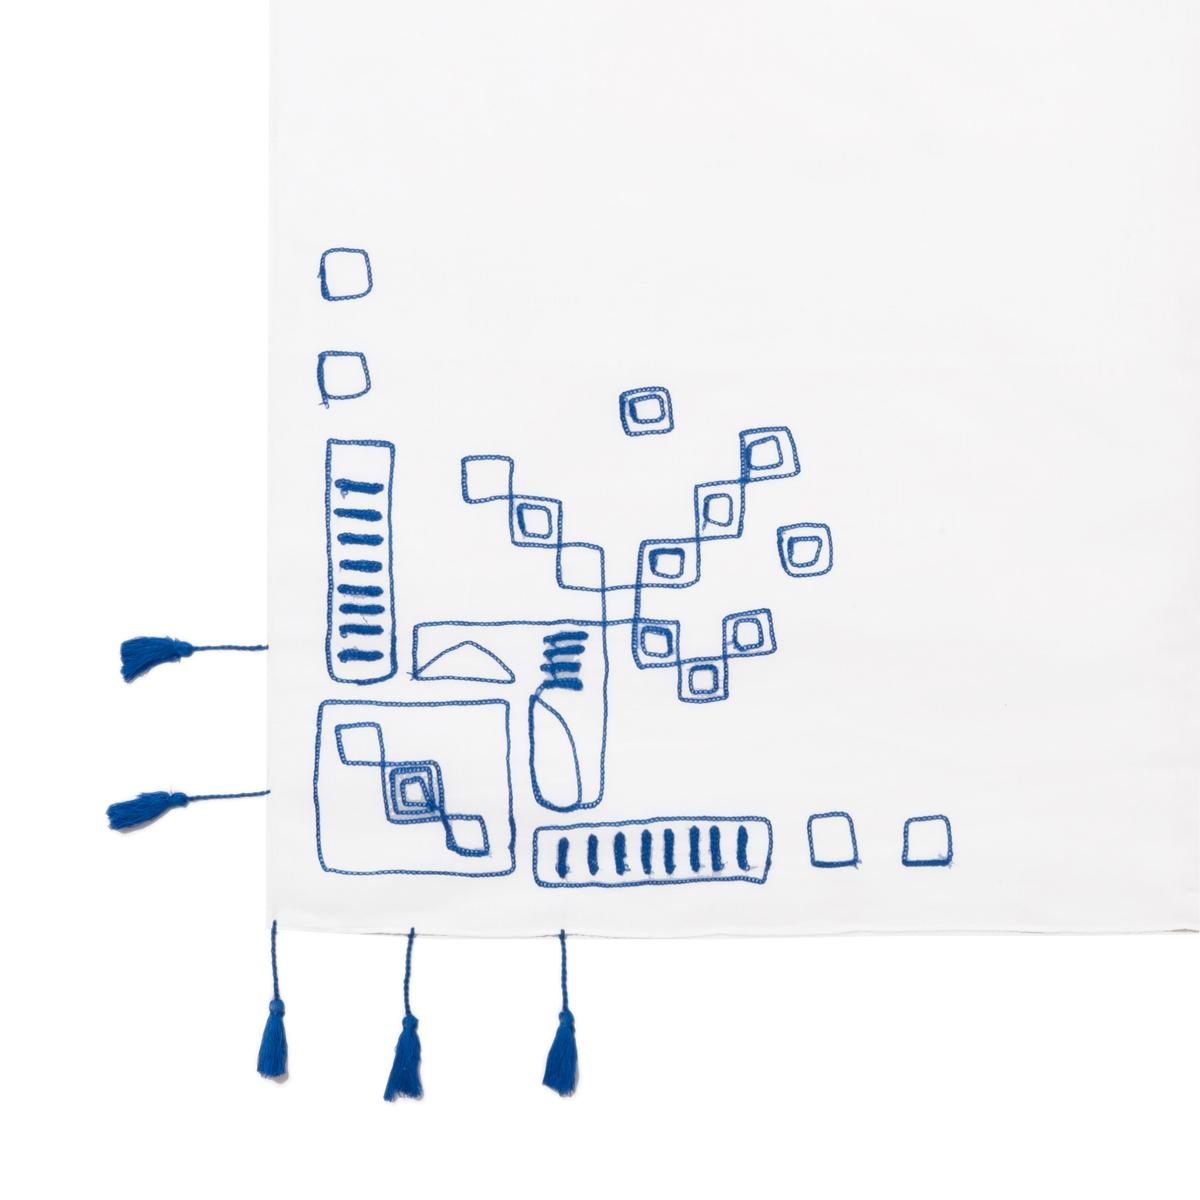 Платок с вышивкойПлаток с вышивкой, Atelier R.Вышитый графический рисунок в этническом стиле, кисточки контрастного цвета : платок великолепно сочетается с джинсами ! Состав и описаниеМатериал :  100% хлопок    Марка : Atelier RРазмеры : 104 x 104 см    УходСледуйте рекомендациям по уходу, указанным на этикетке изделия<br><br>Цвет: синий/ белый